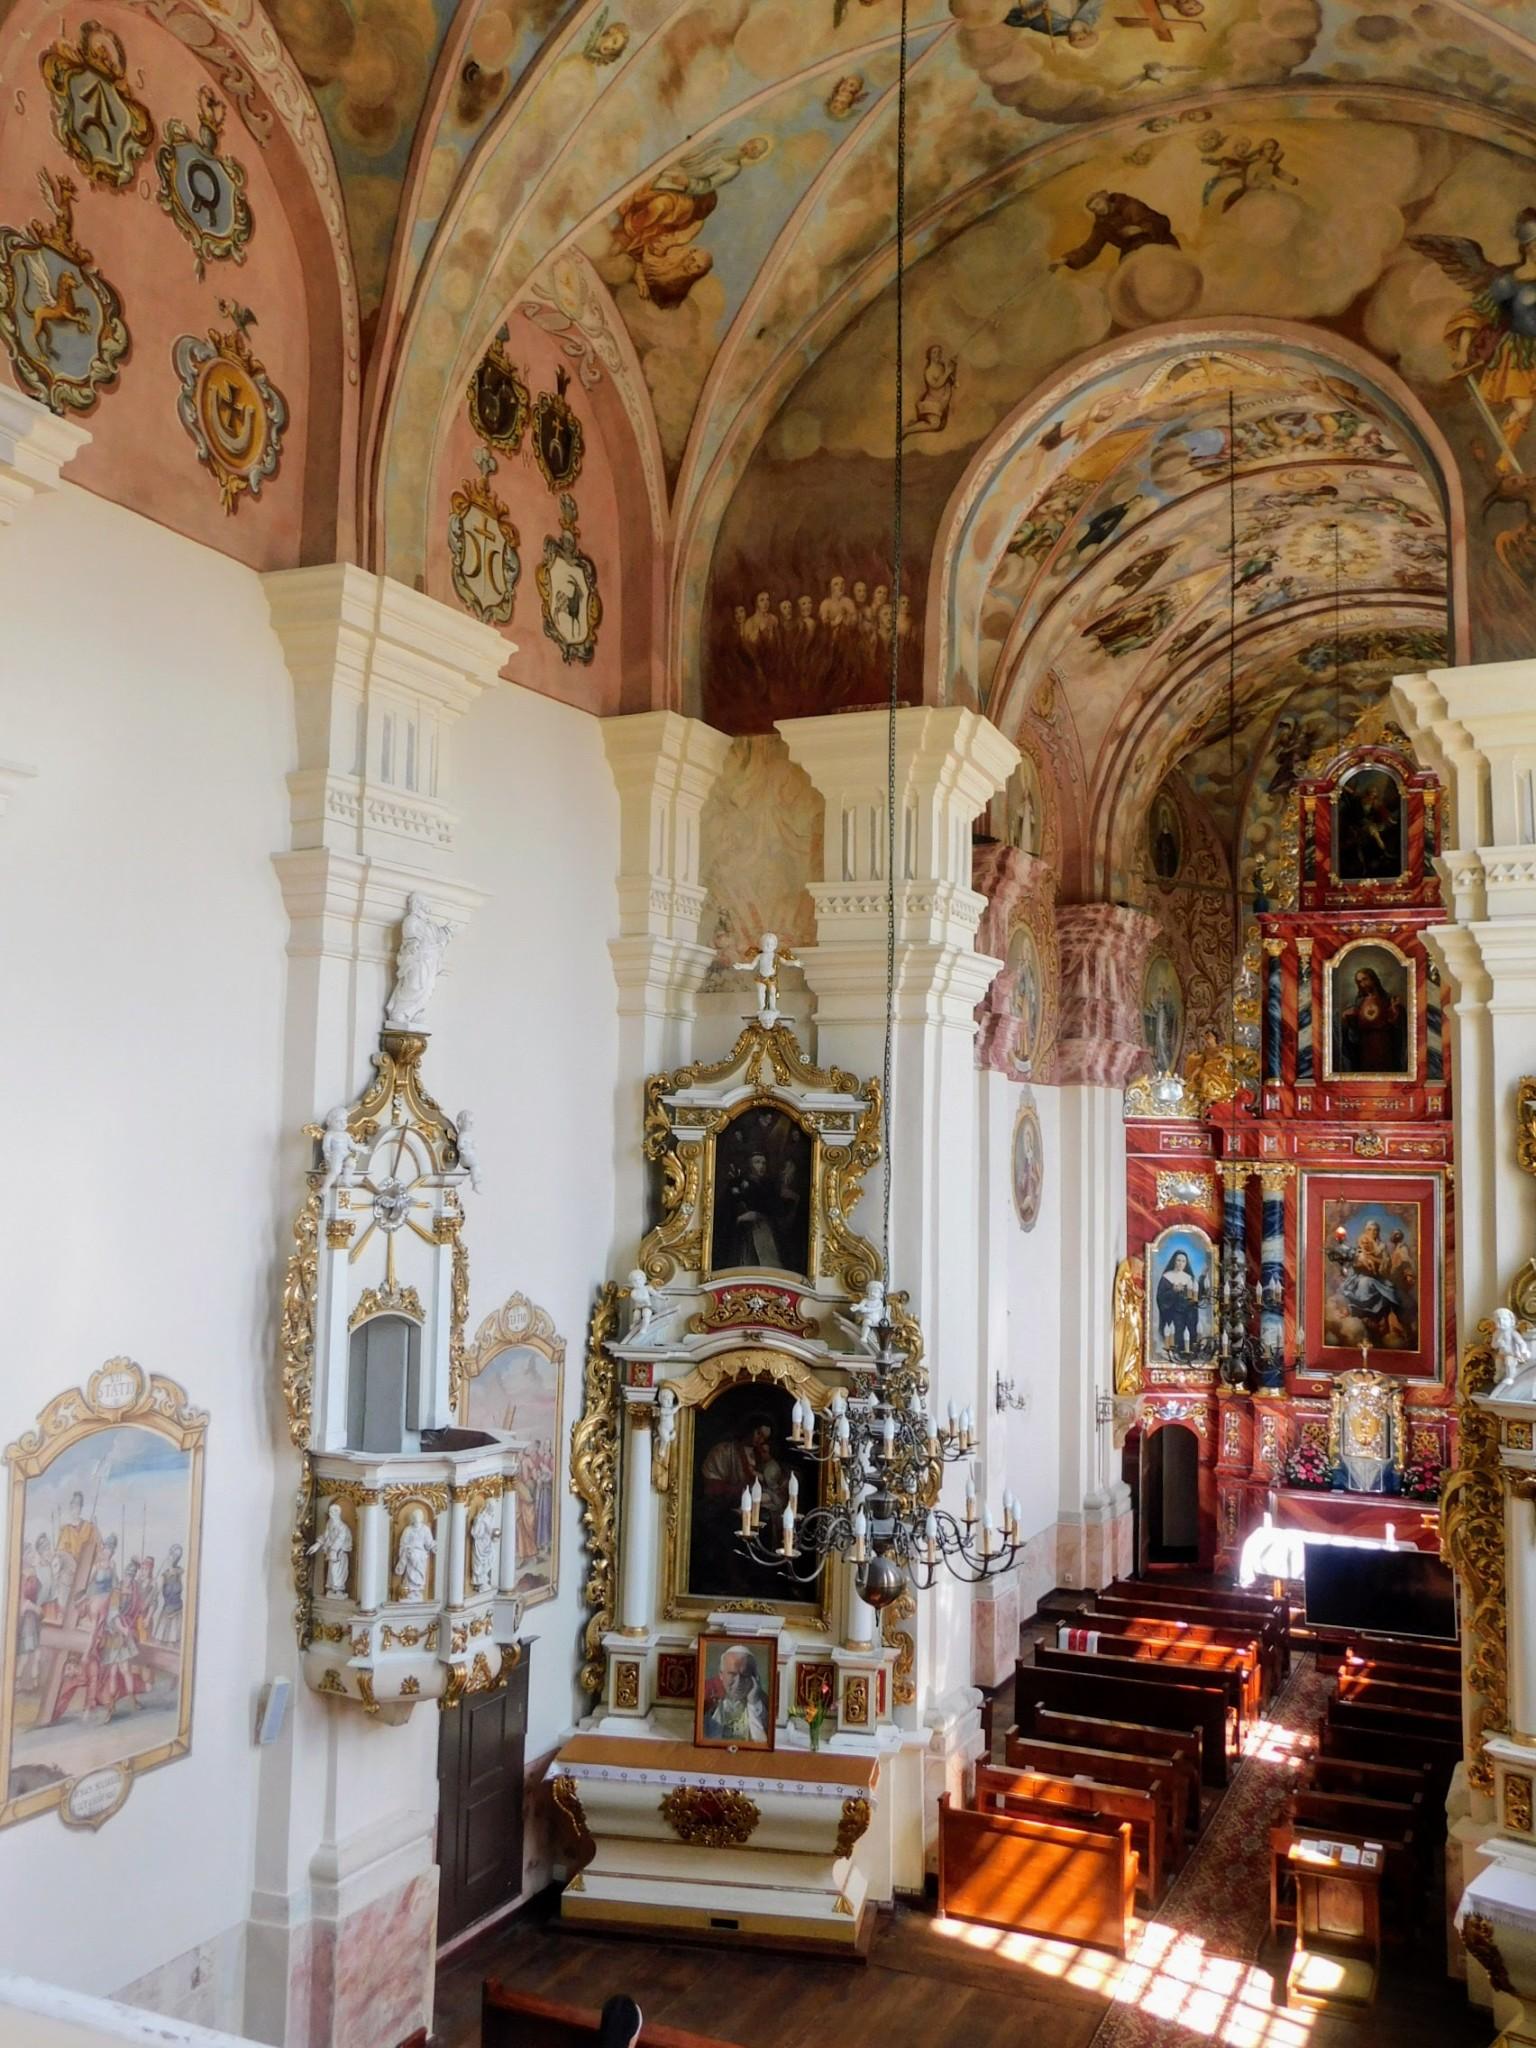 widok nawy z odrestaurowanymi freskami i stacjami drogi krzyżowej